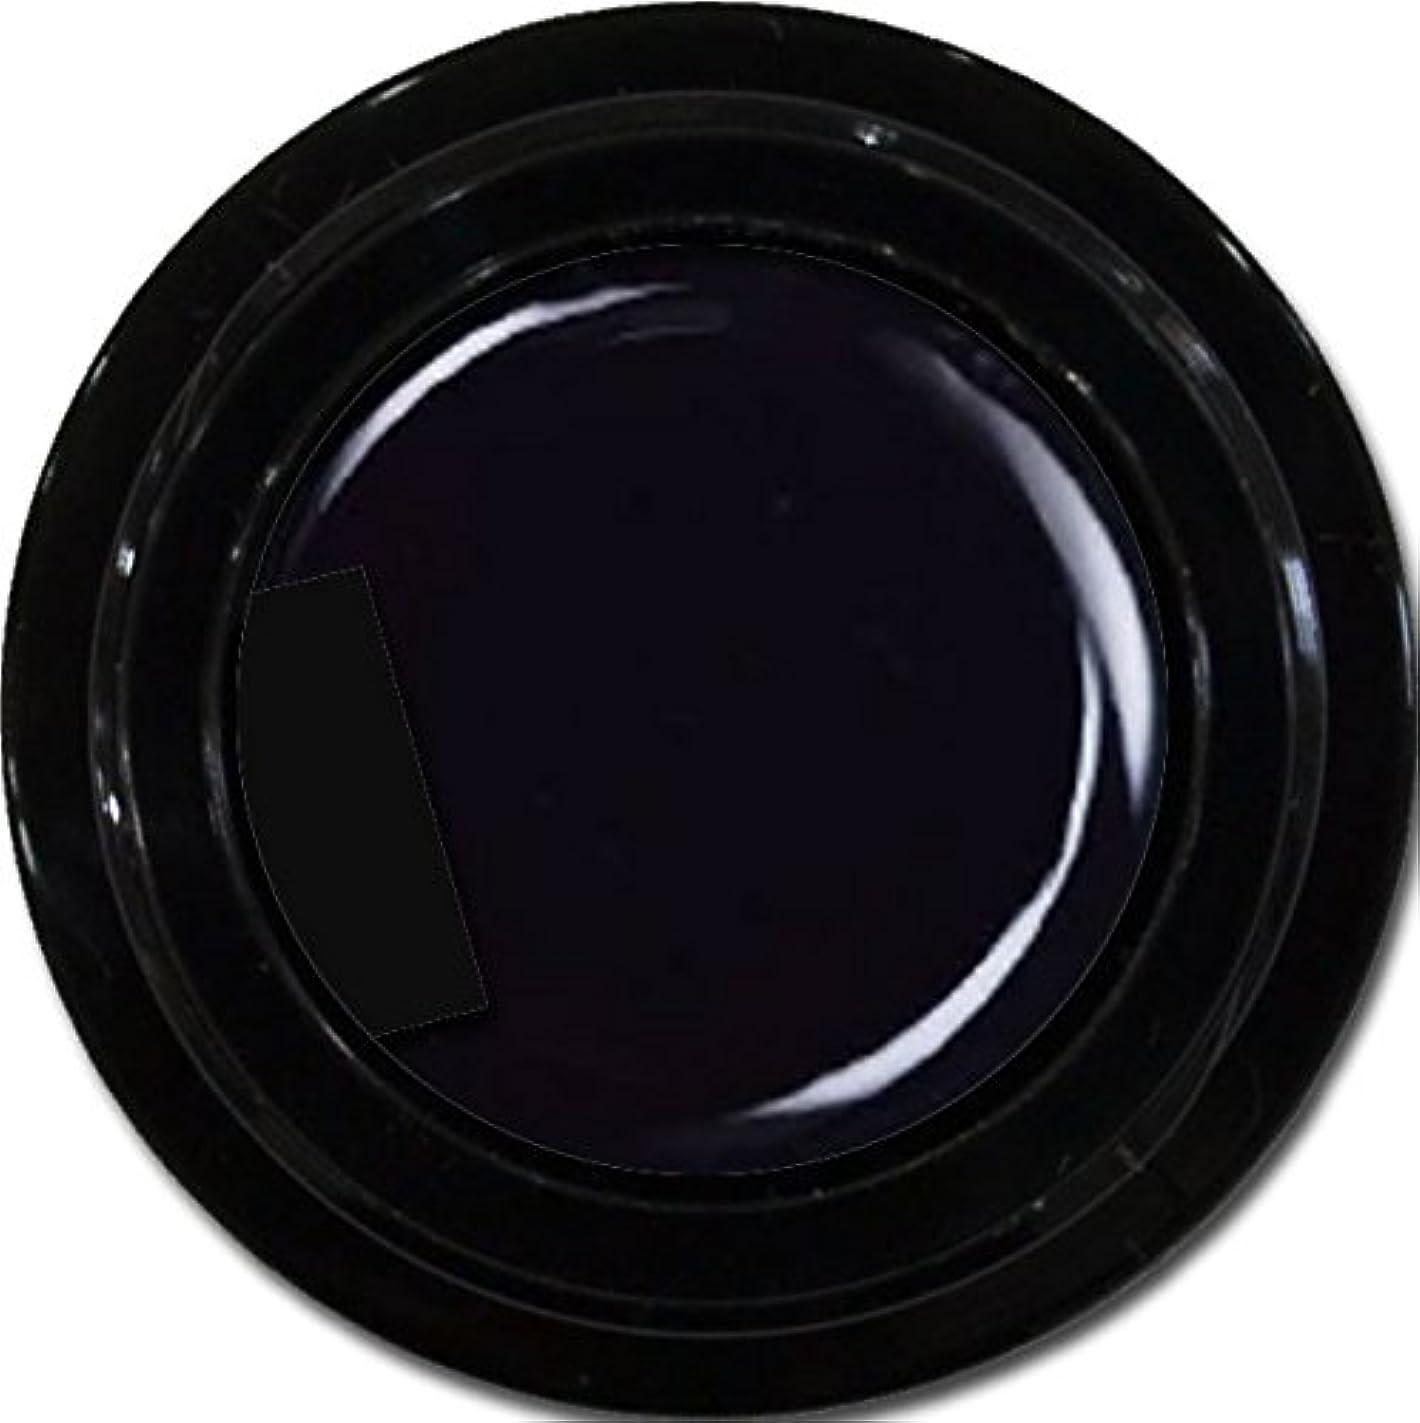 雲厚さ放射性カラージェル enchant color gel M901 Extreme Black 3g/マットカラージェル M901 エクストリームブラック 3グラム